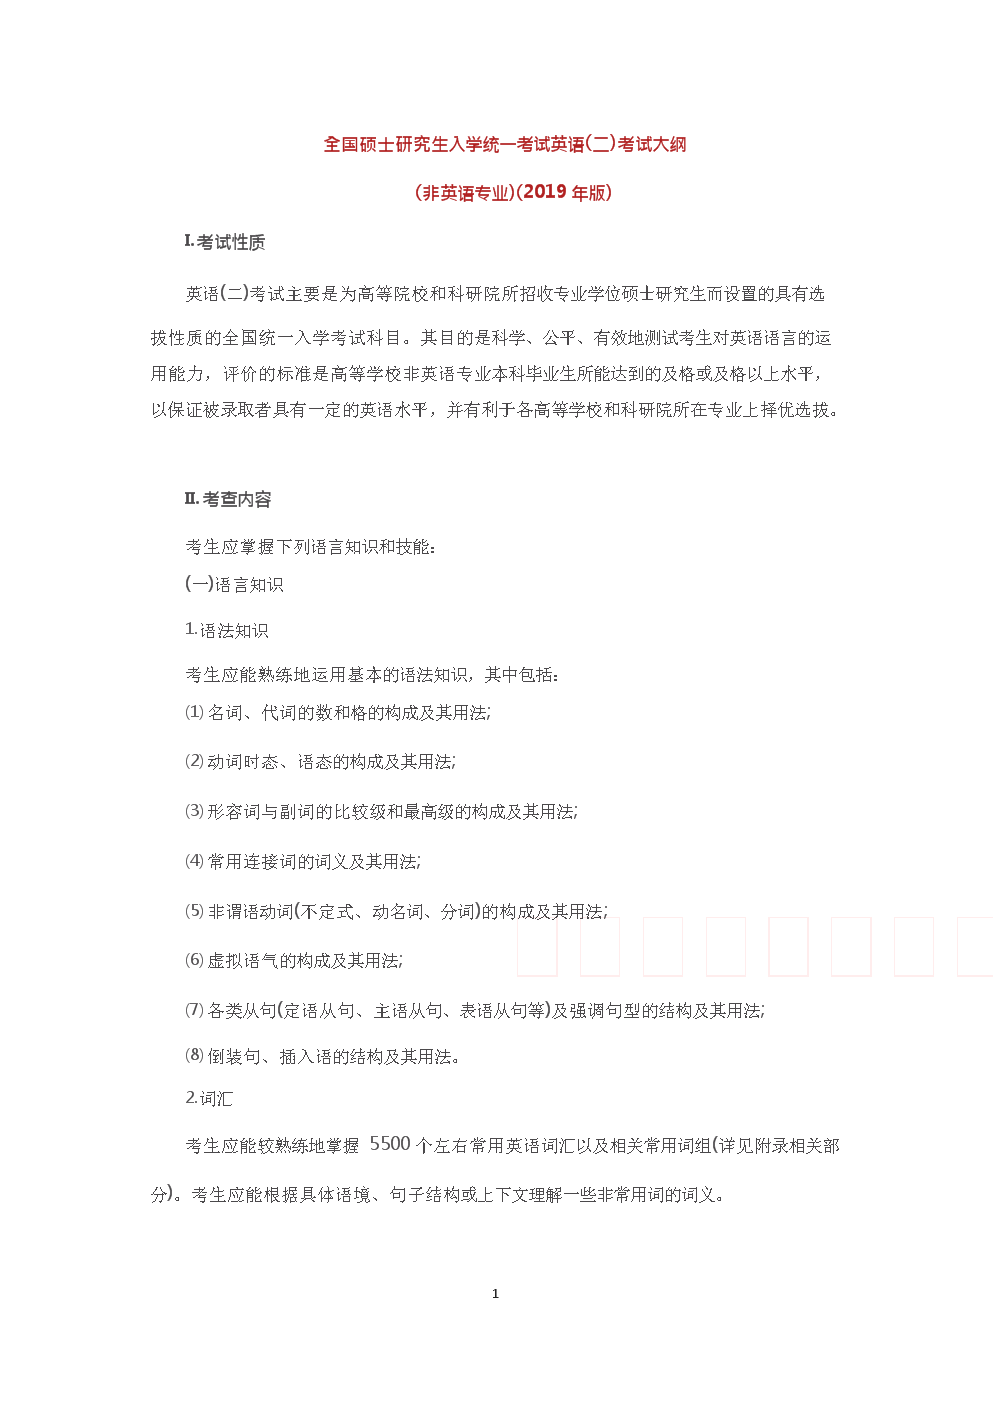 2019全国硕士研究生入学统一考试英语(二)考试大纲.docx